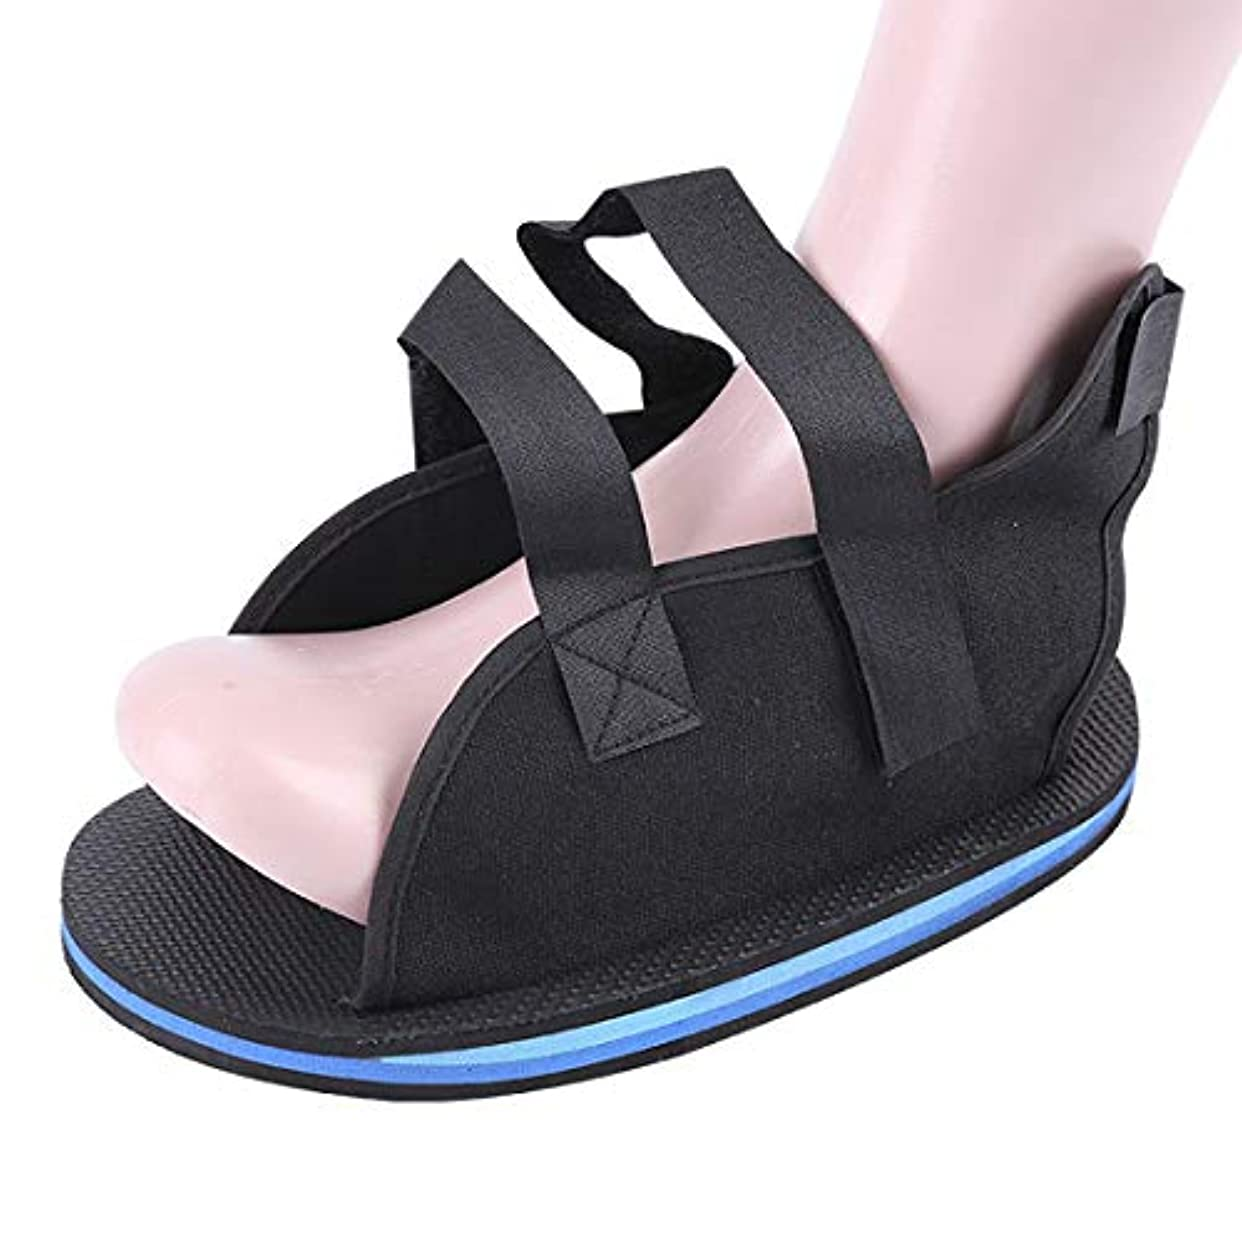 タフドレインコンクリート医療足骨折石膏の回復靴の手術後のつま先の靴を安定化骨折の靴を調整可能なファスナーで完全なカバー,XS20cm